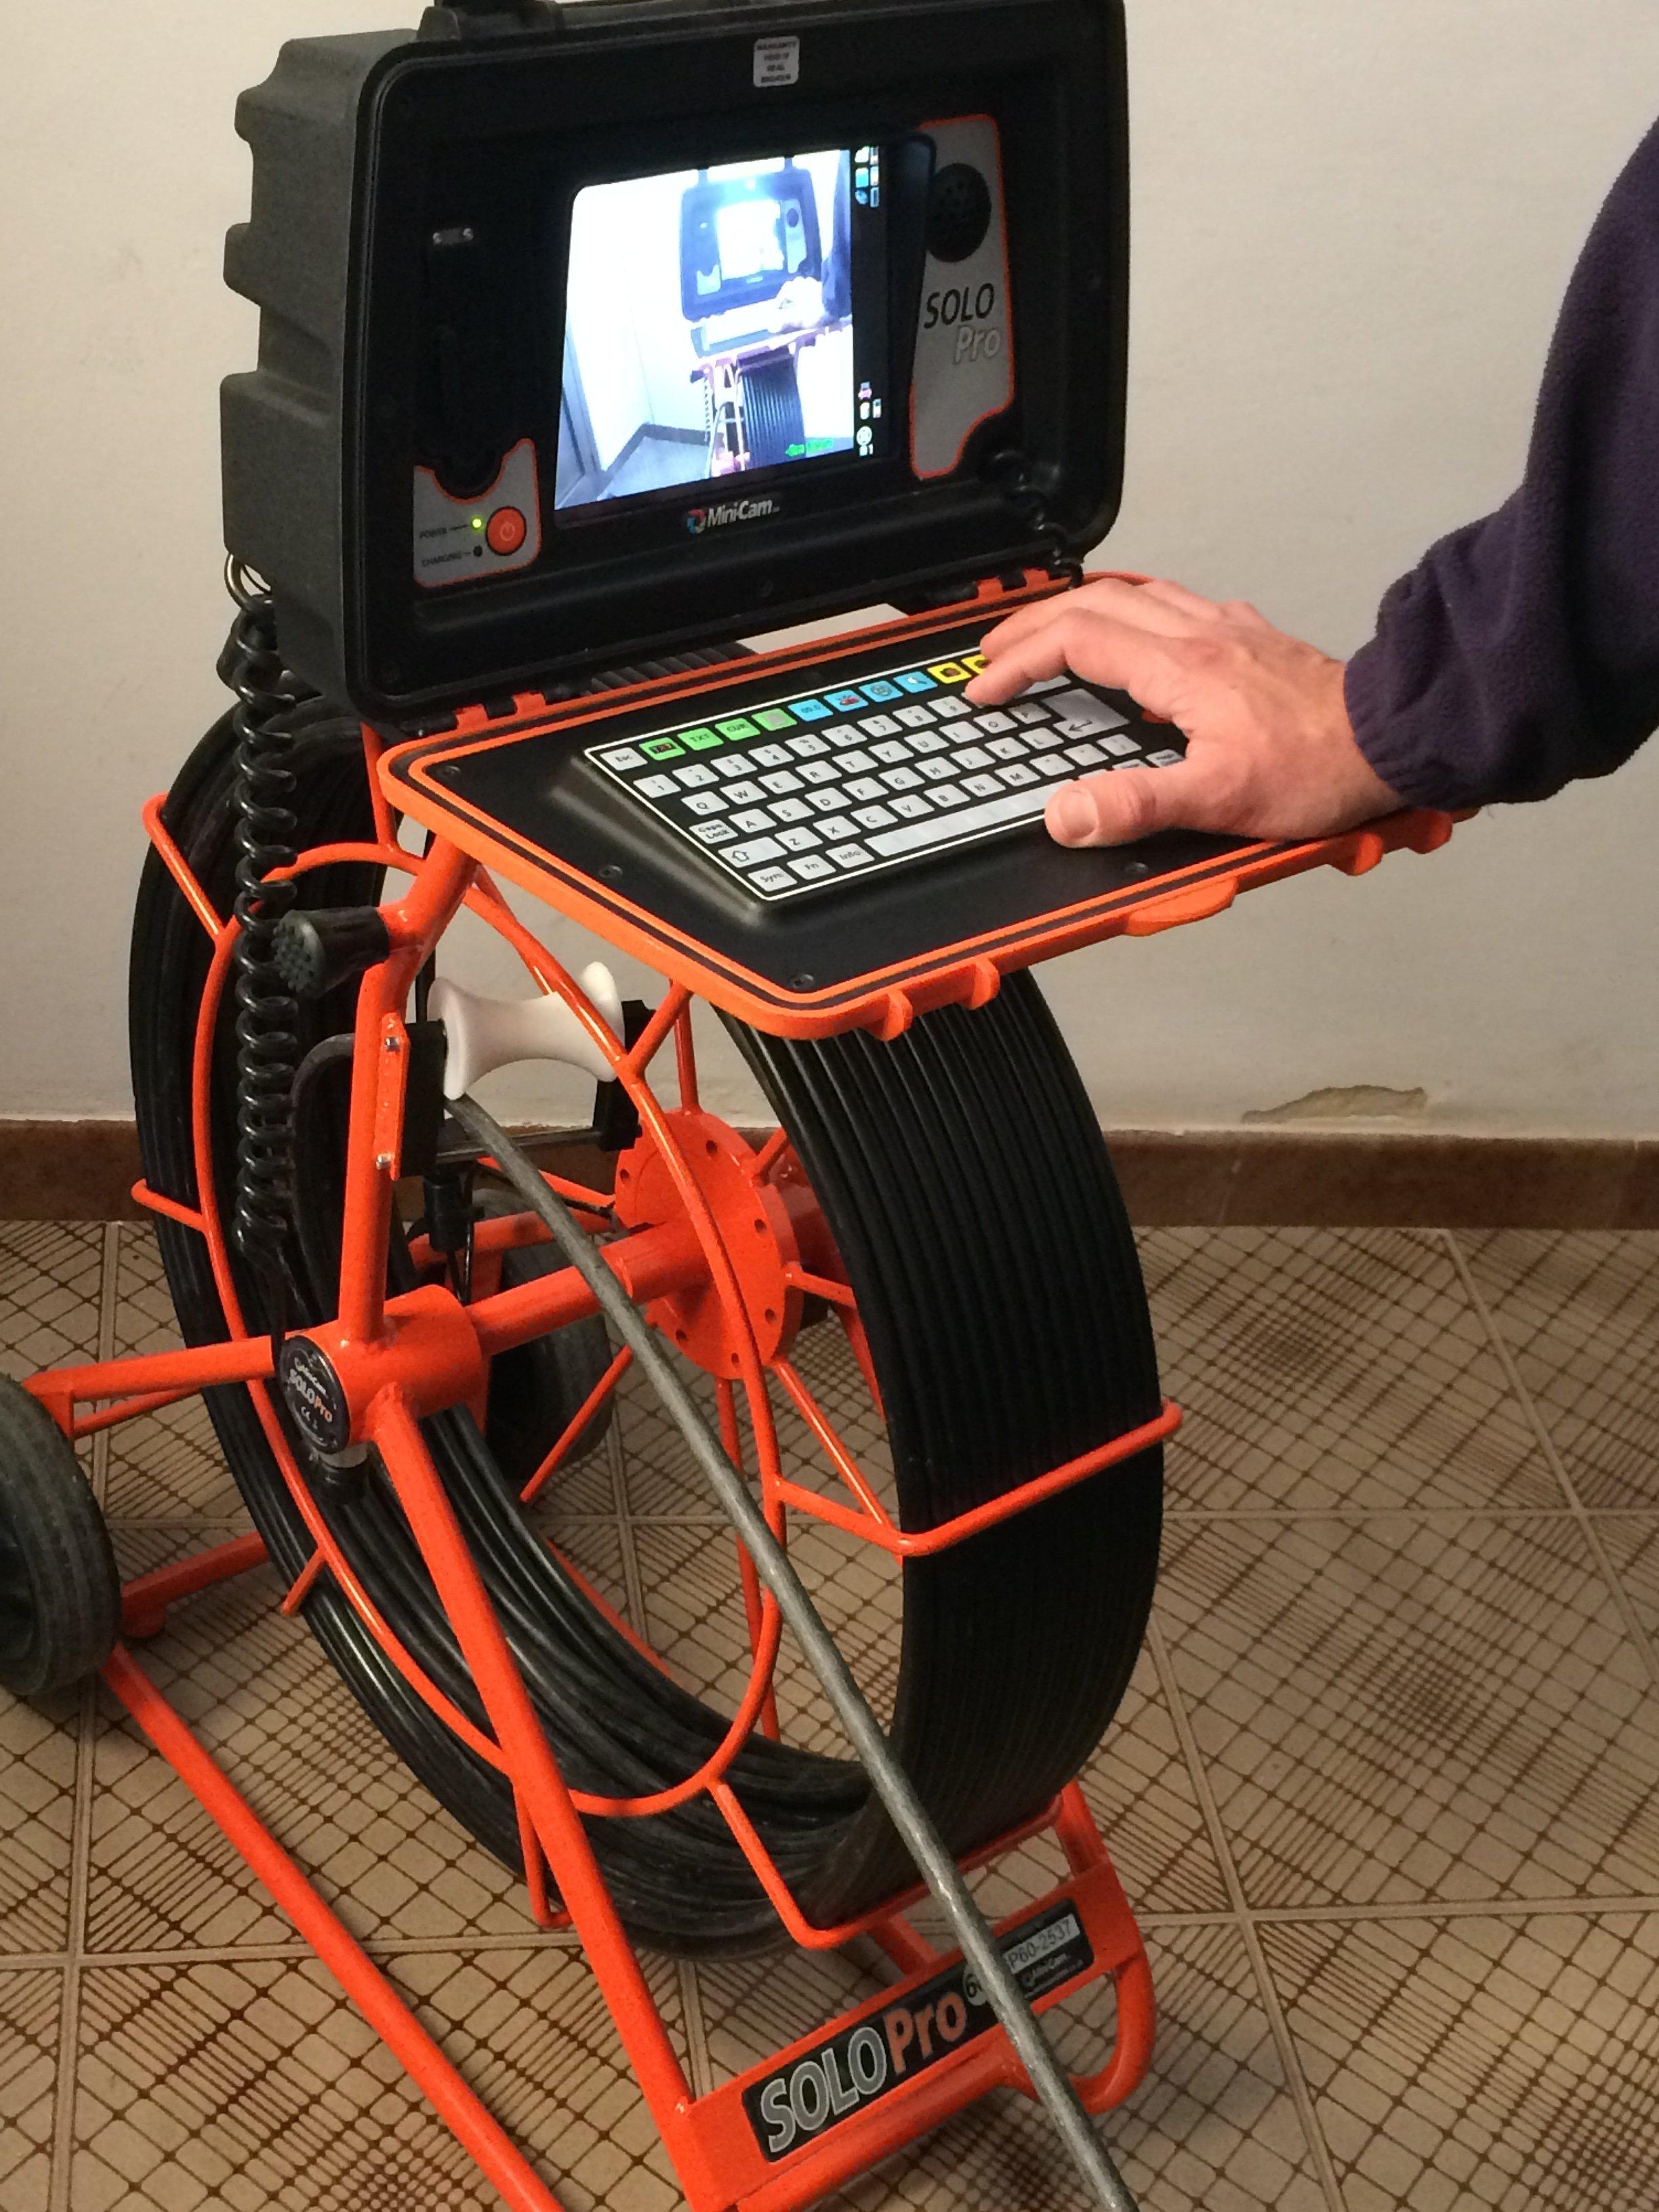 un macchinario con un cavo ottico e un display per le ispezioni